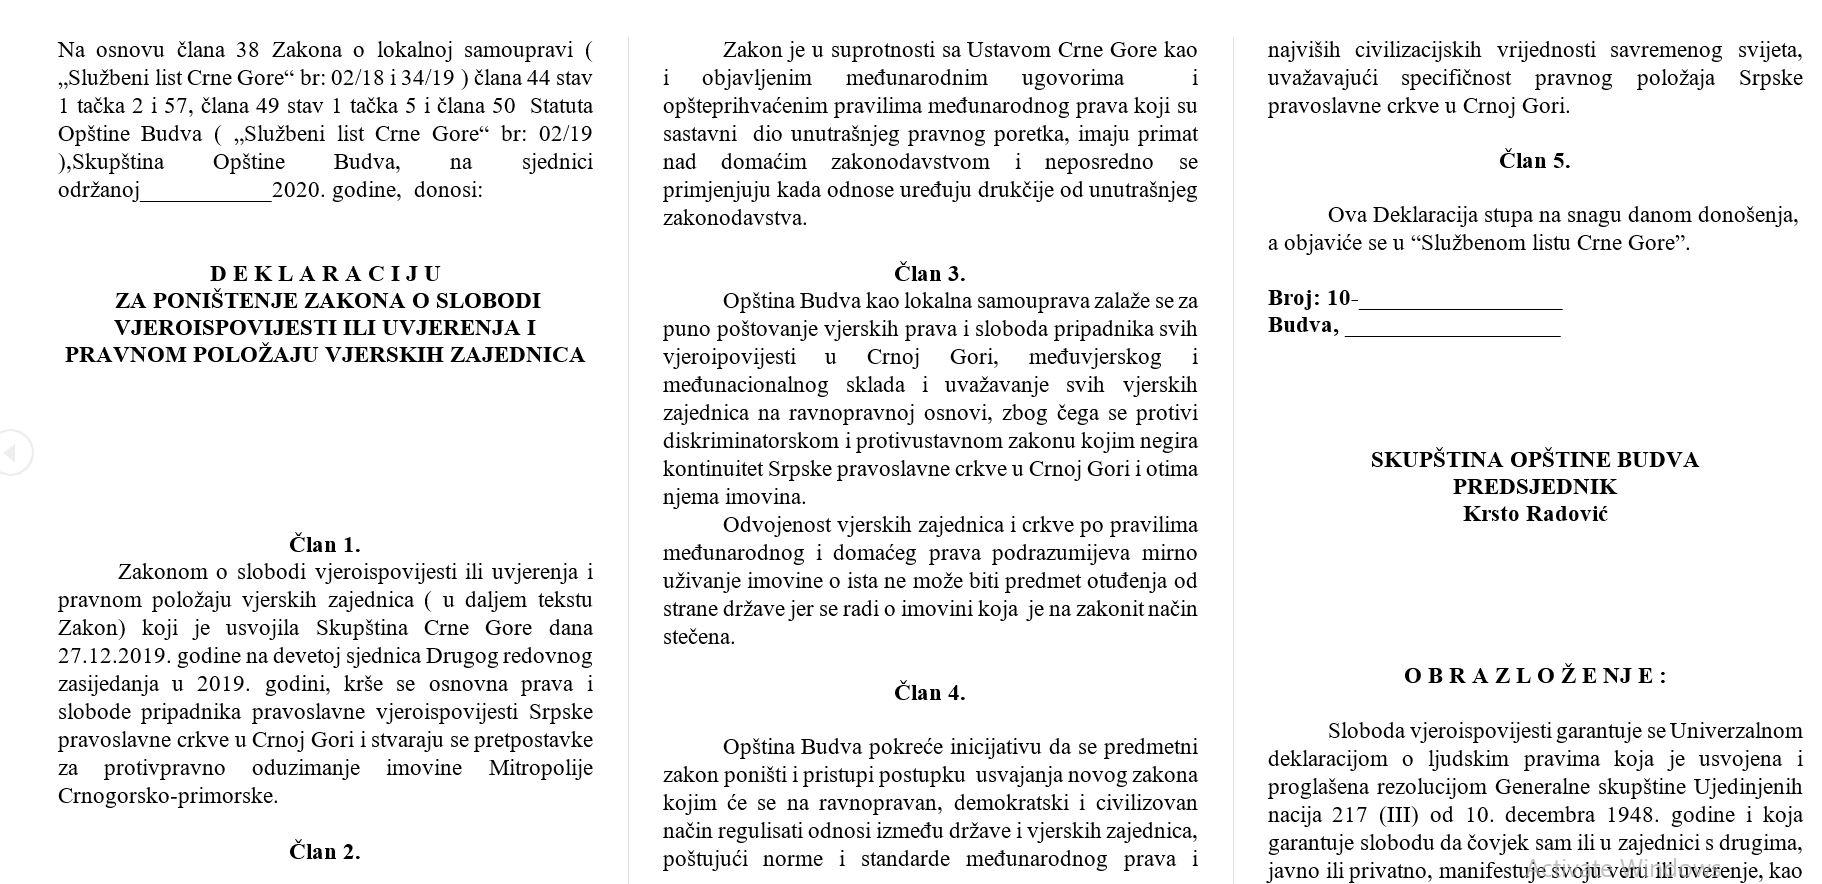 Carević traži vanrednu sjednicu SO i poništenje Zakona o slobodi vjeroispovijesti